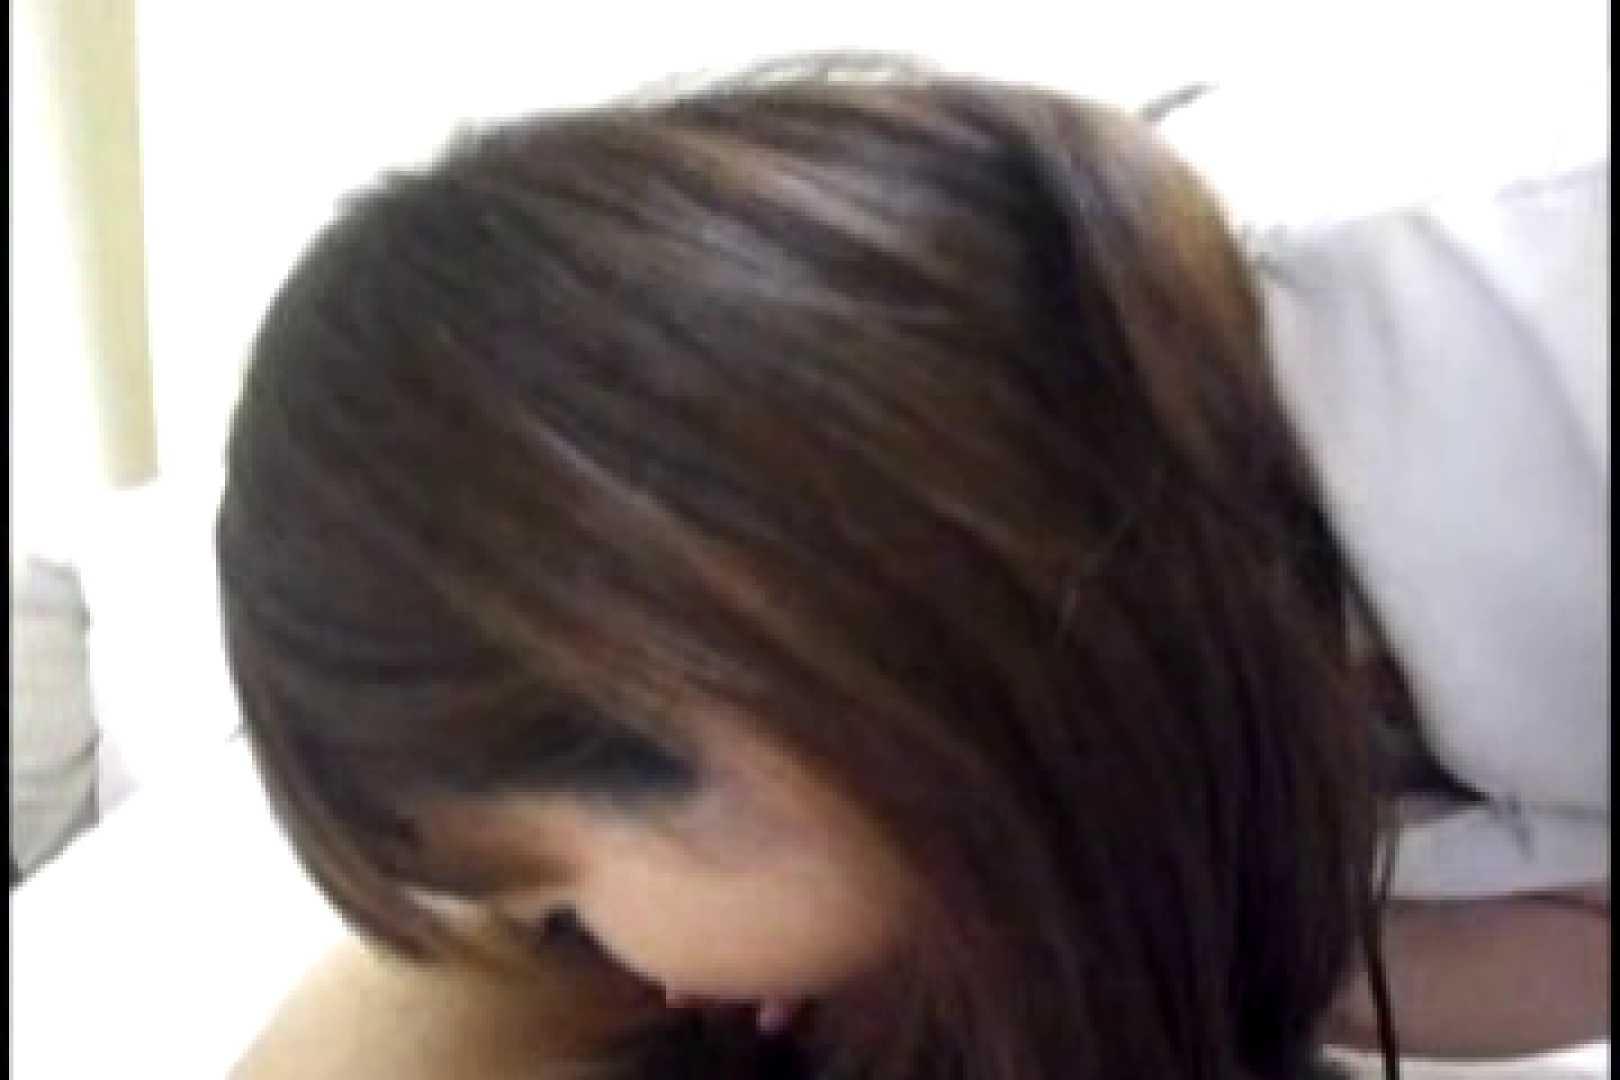 ヤリマンと呼ばれた看護士さんvol1 シックスナイン  98pic 75